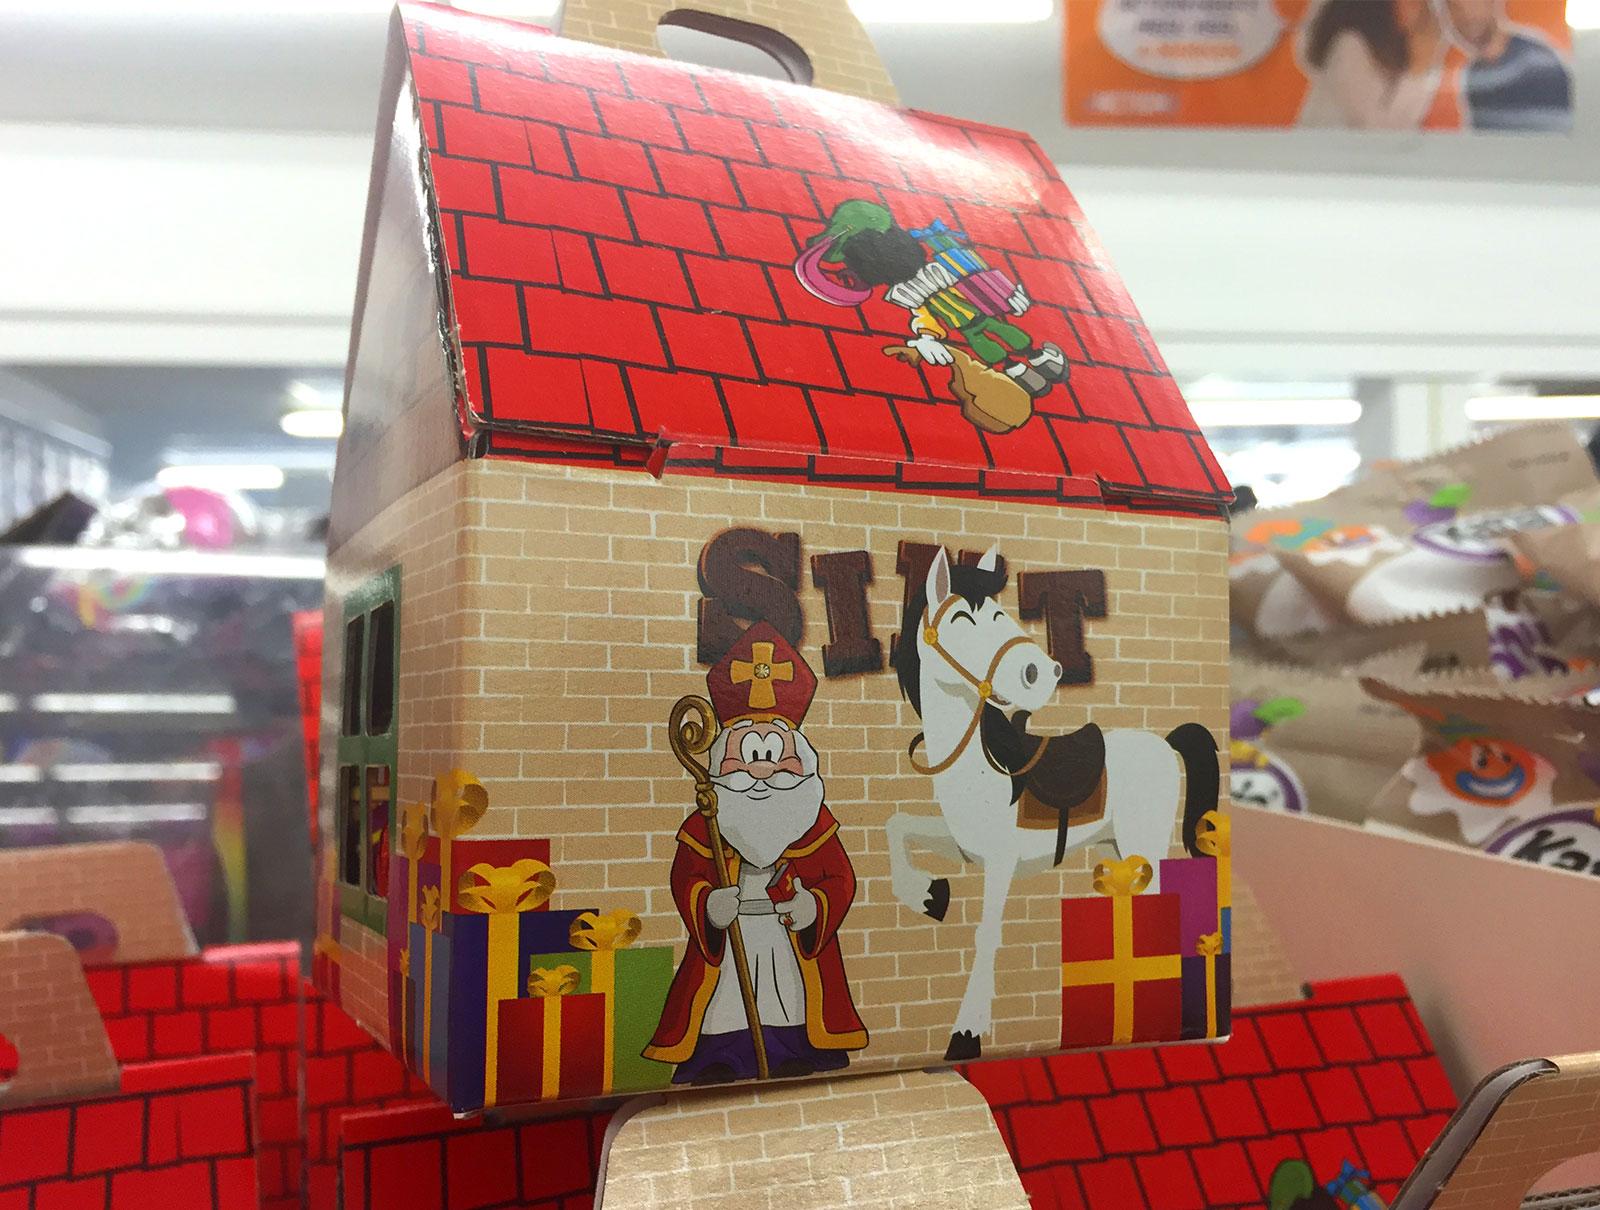 Sinterklaas Snoephuisje - Action